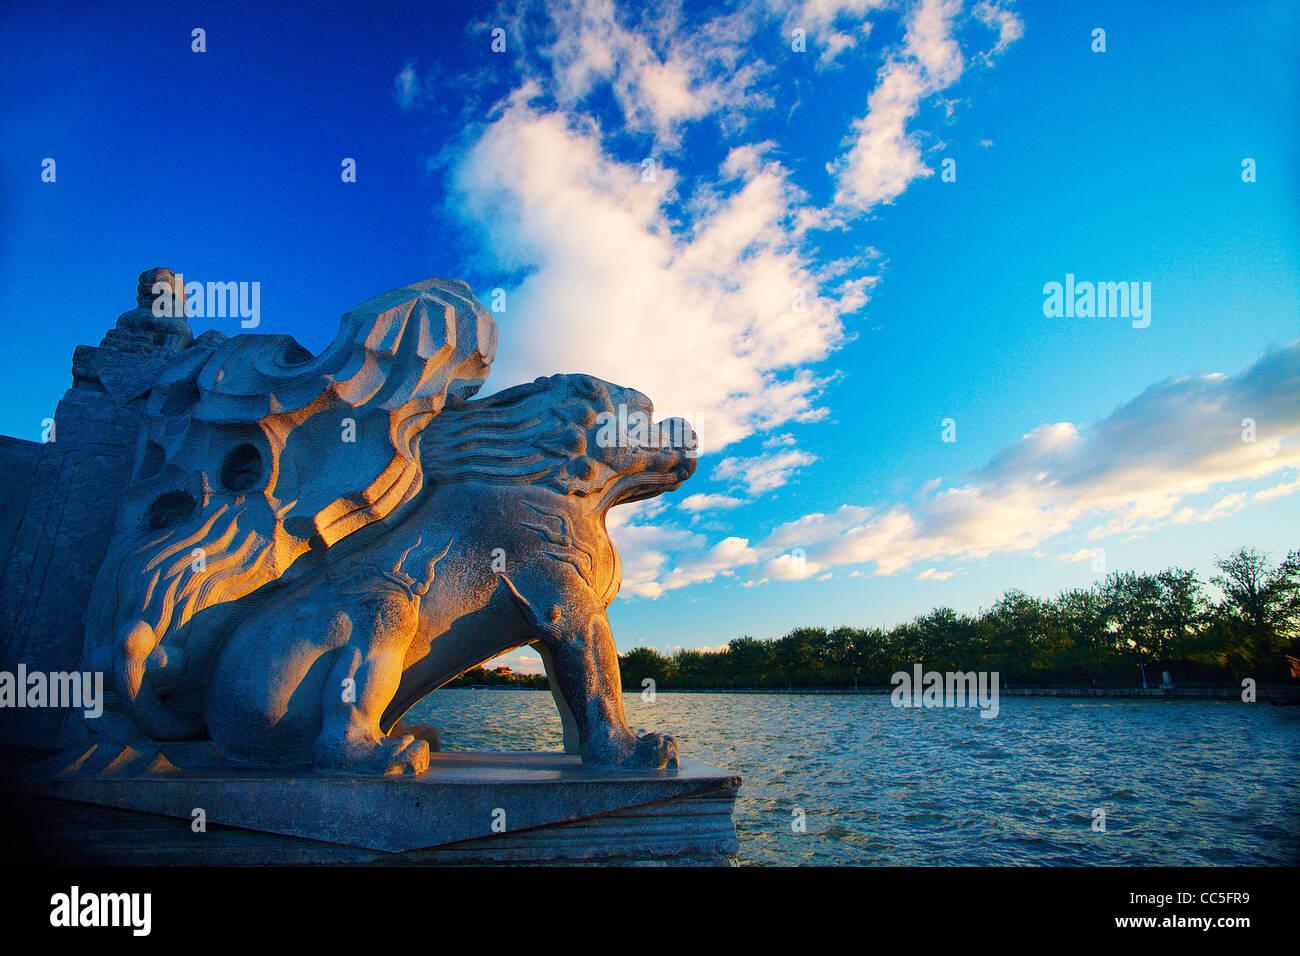 Stein-Skulptur von Qilin am siebzehn-Bogen-Brücke, Sommerpalast, Peking, China Stockbild